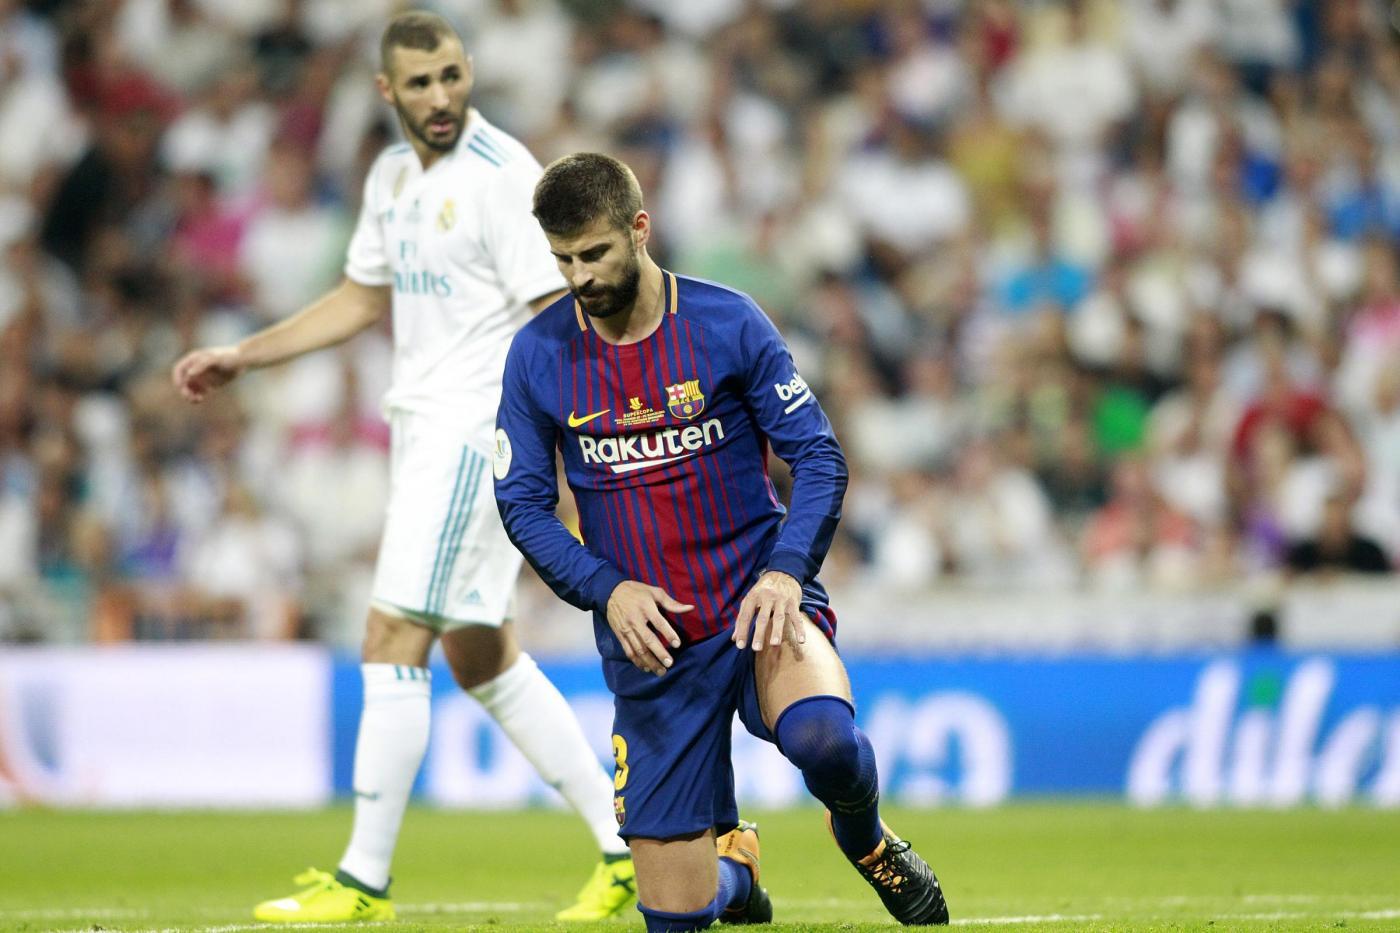 Calciomercato Barça: Piqué rinnova fino al 2022, clausola da 500 mln